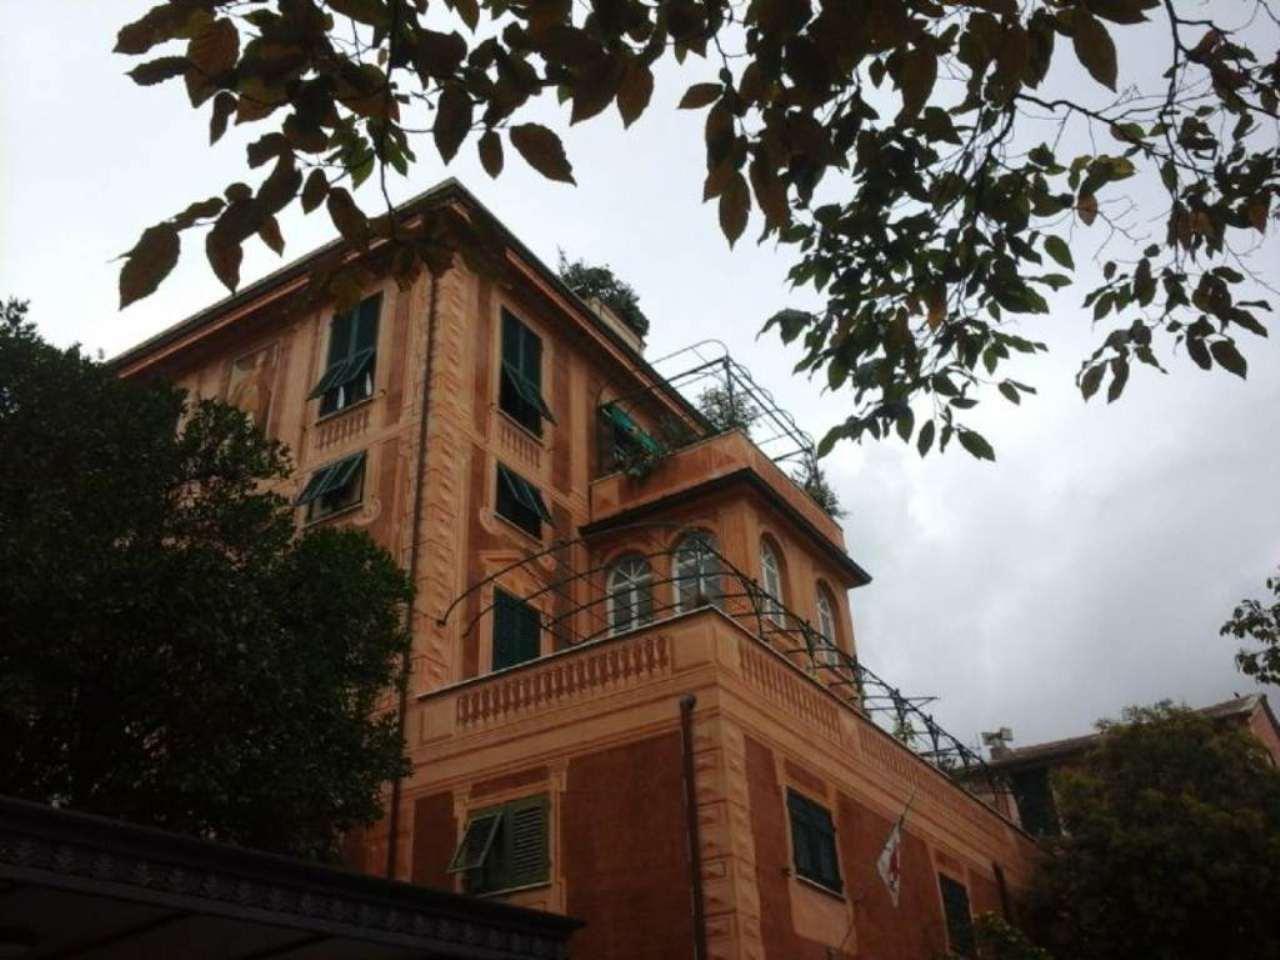 Appartamento in vendita a Arenzano, 4 locali, prezzo € 700.000 | Cambio Casa.it